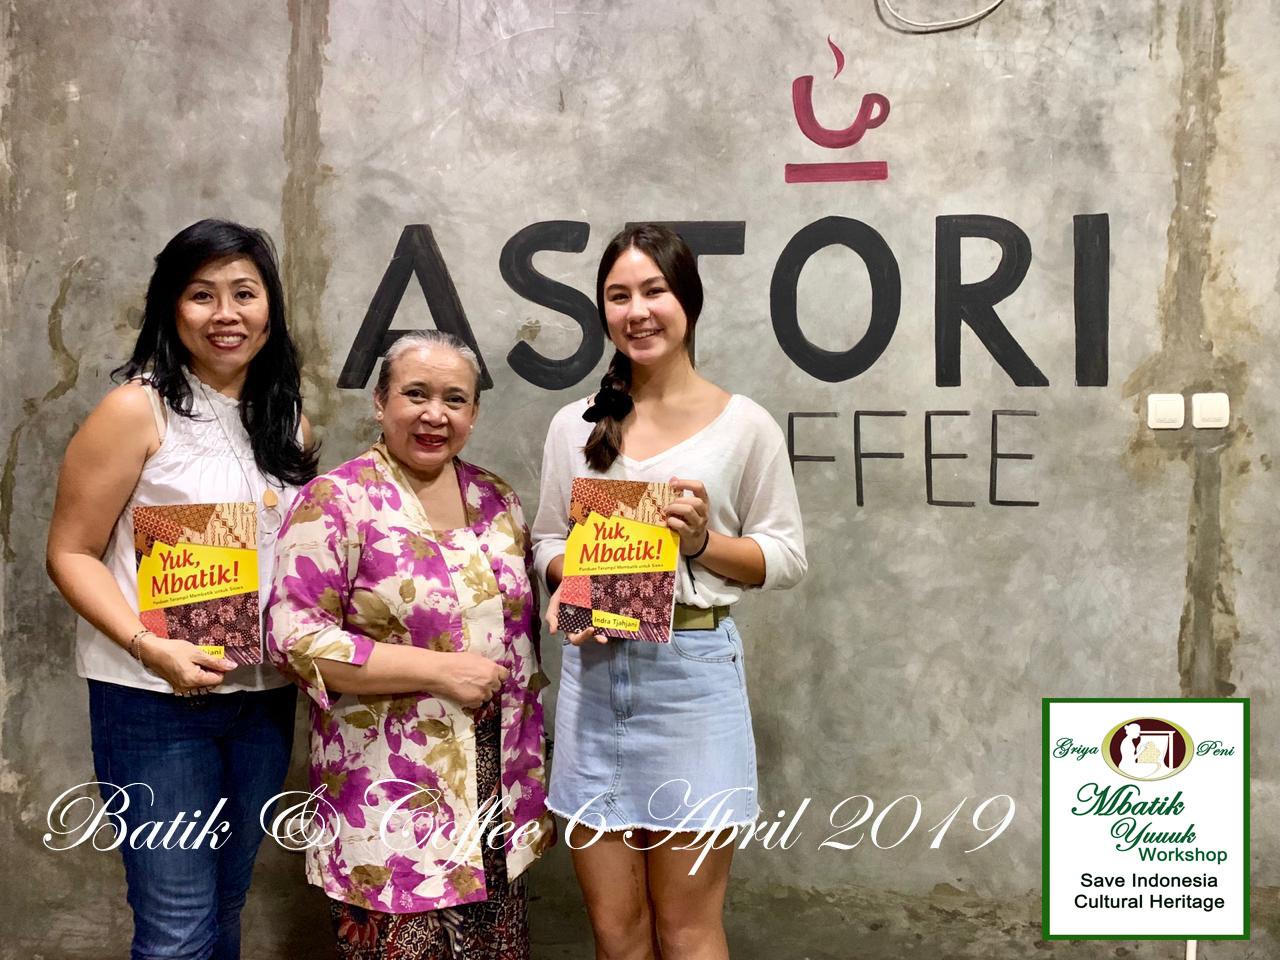 ASTORI COFFEE